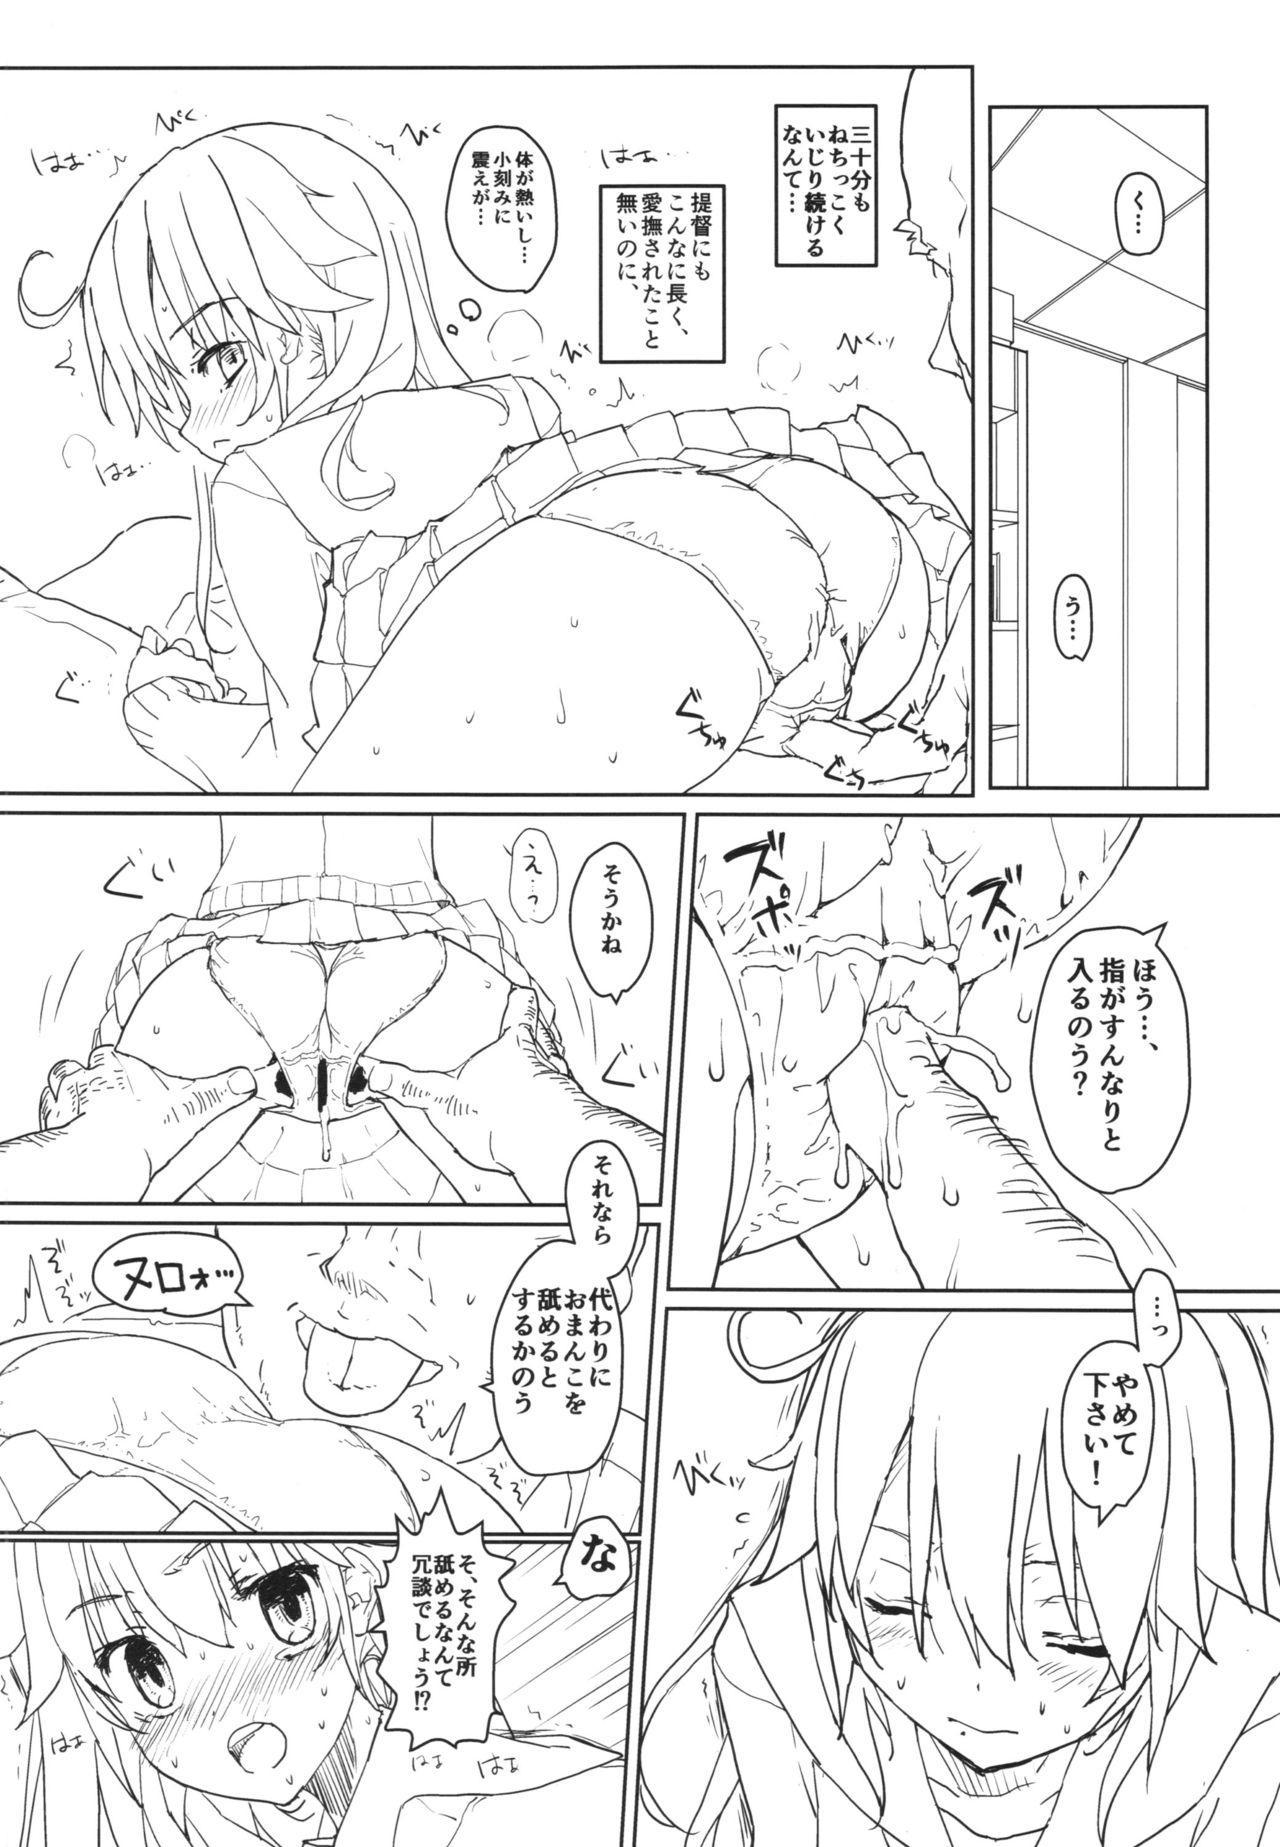 Ushio no Onsen Kuchikukan 15